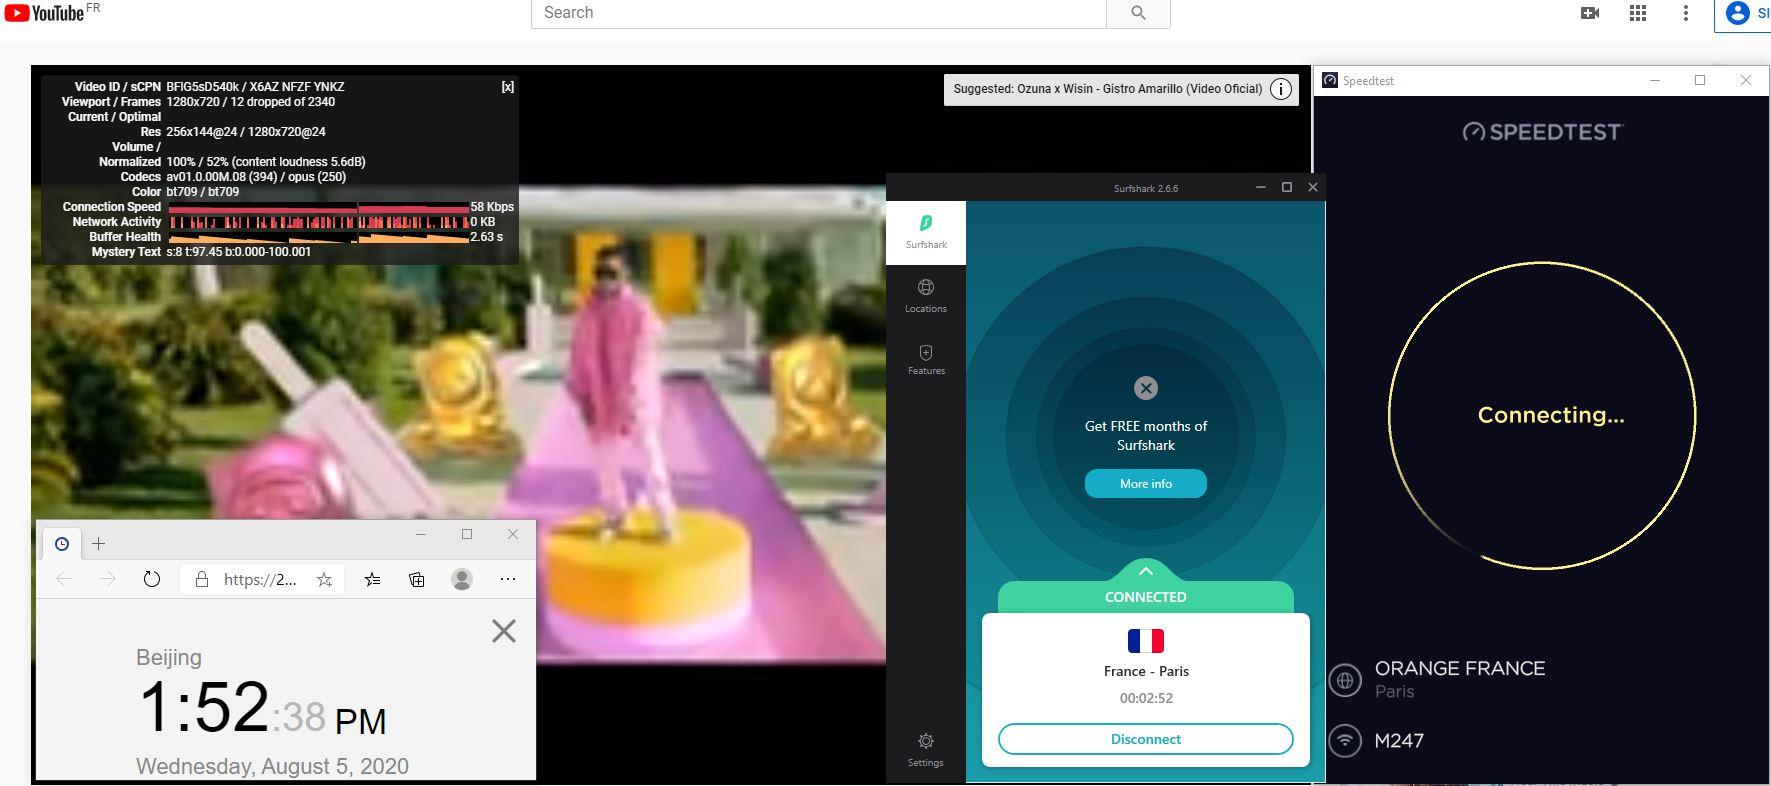 Windows10 SurfsharkVPN France - Paris 中国VPN 翻墙 科学上网 翻墙速度测试 - 20200805